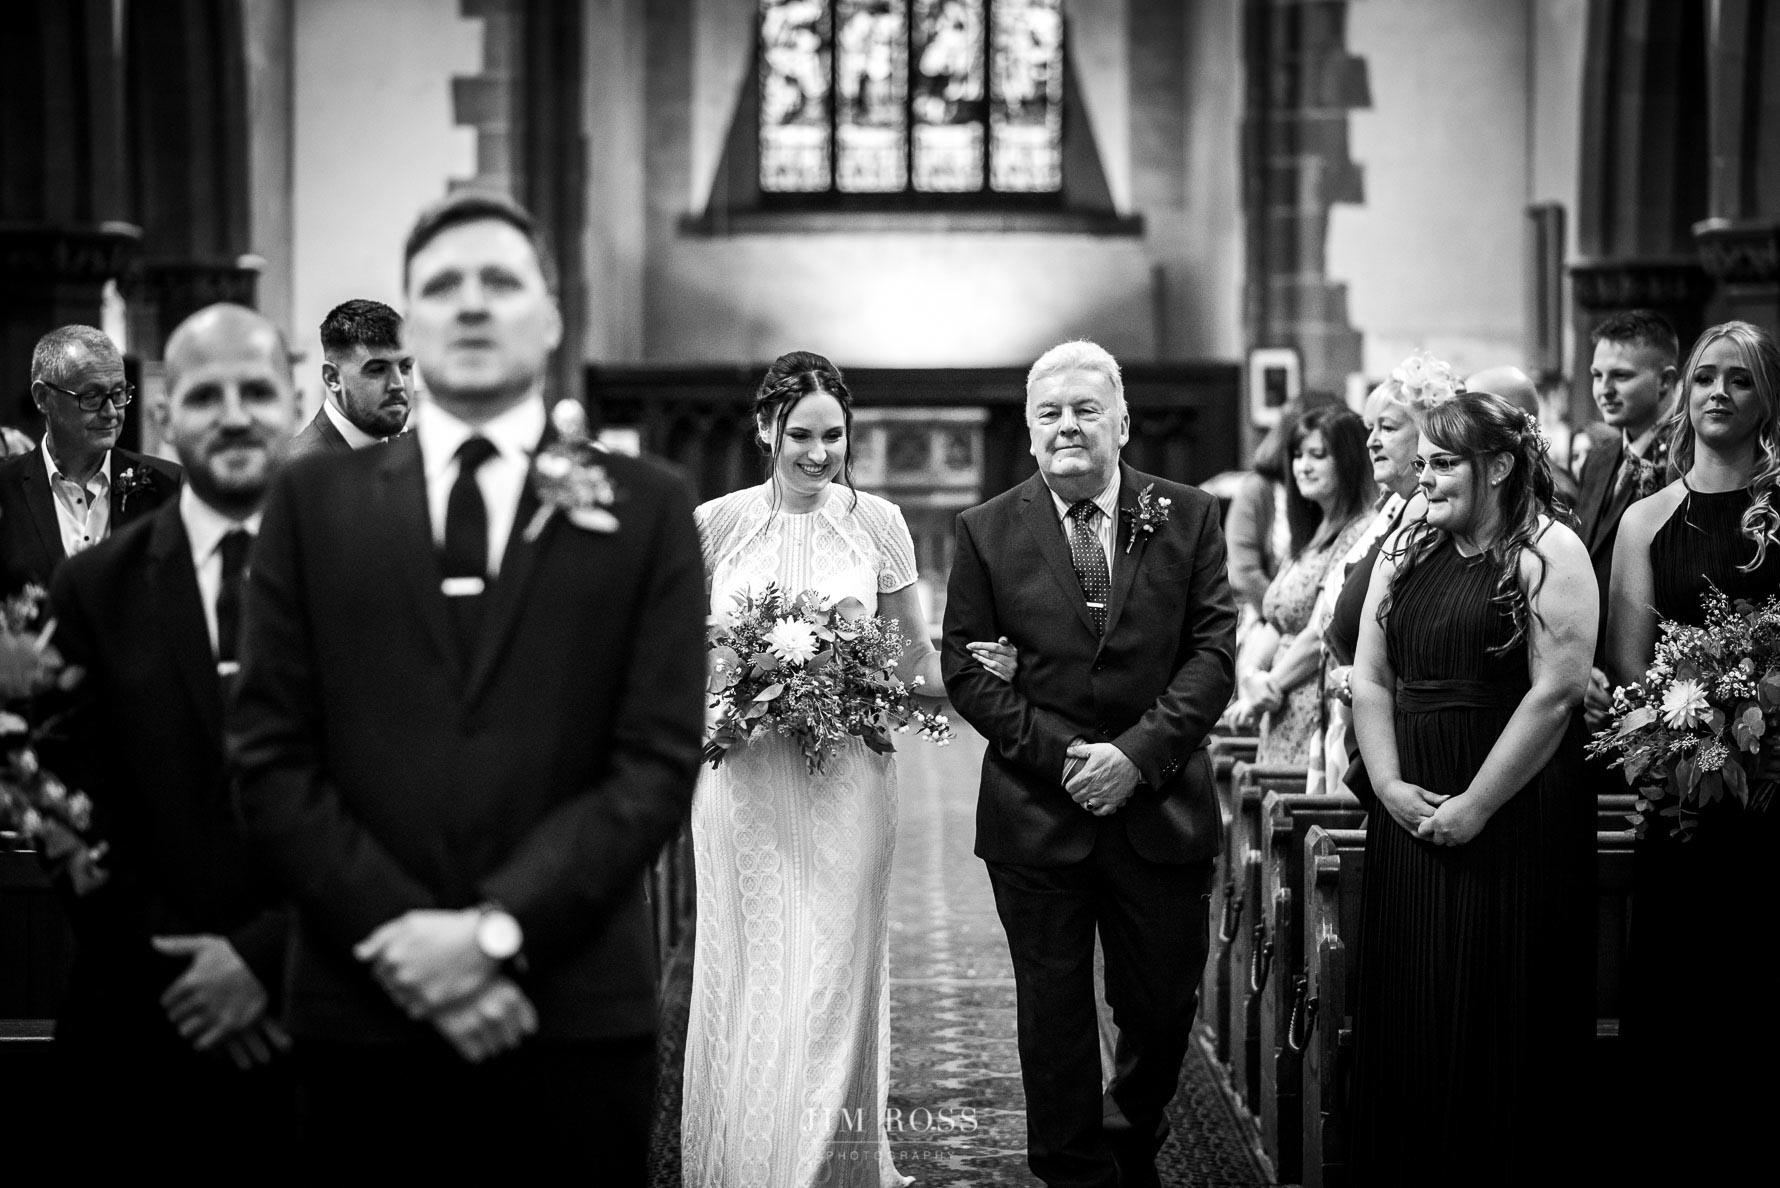 Nervous groom as bride arrives